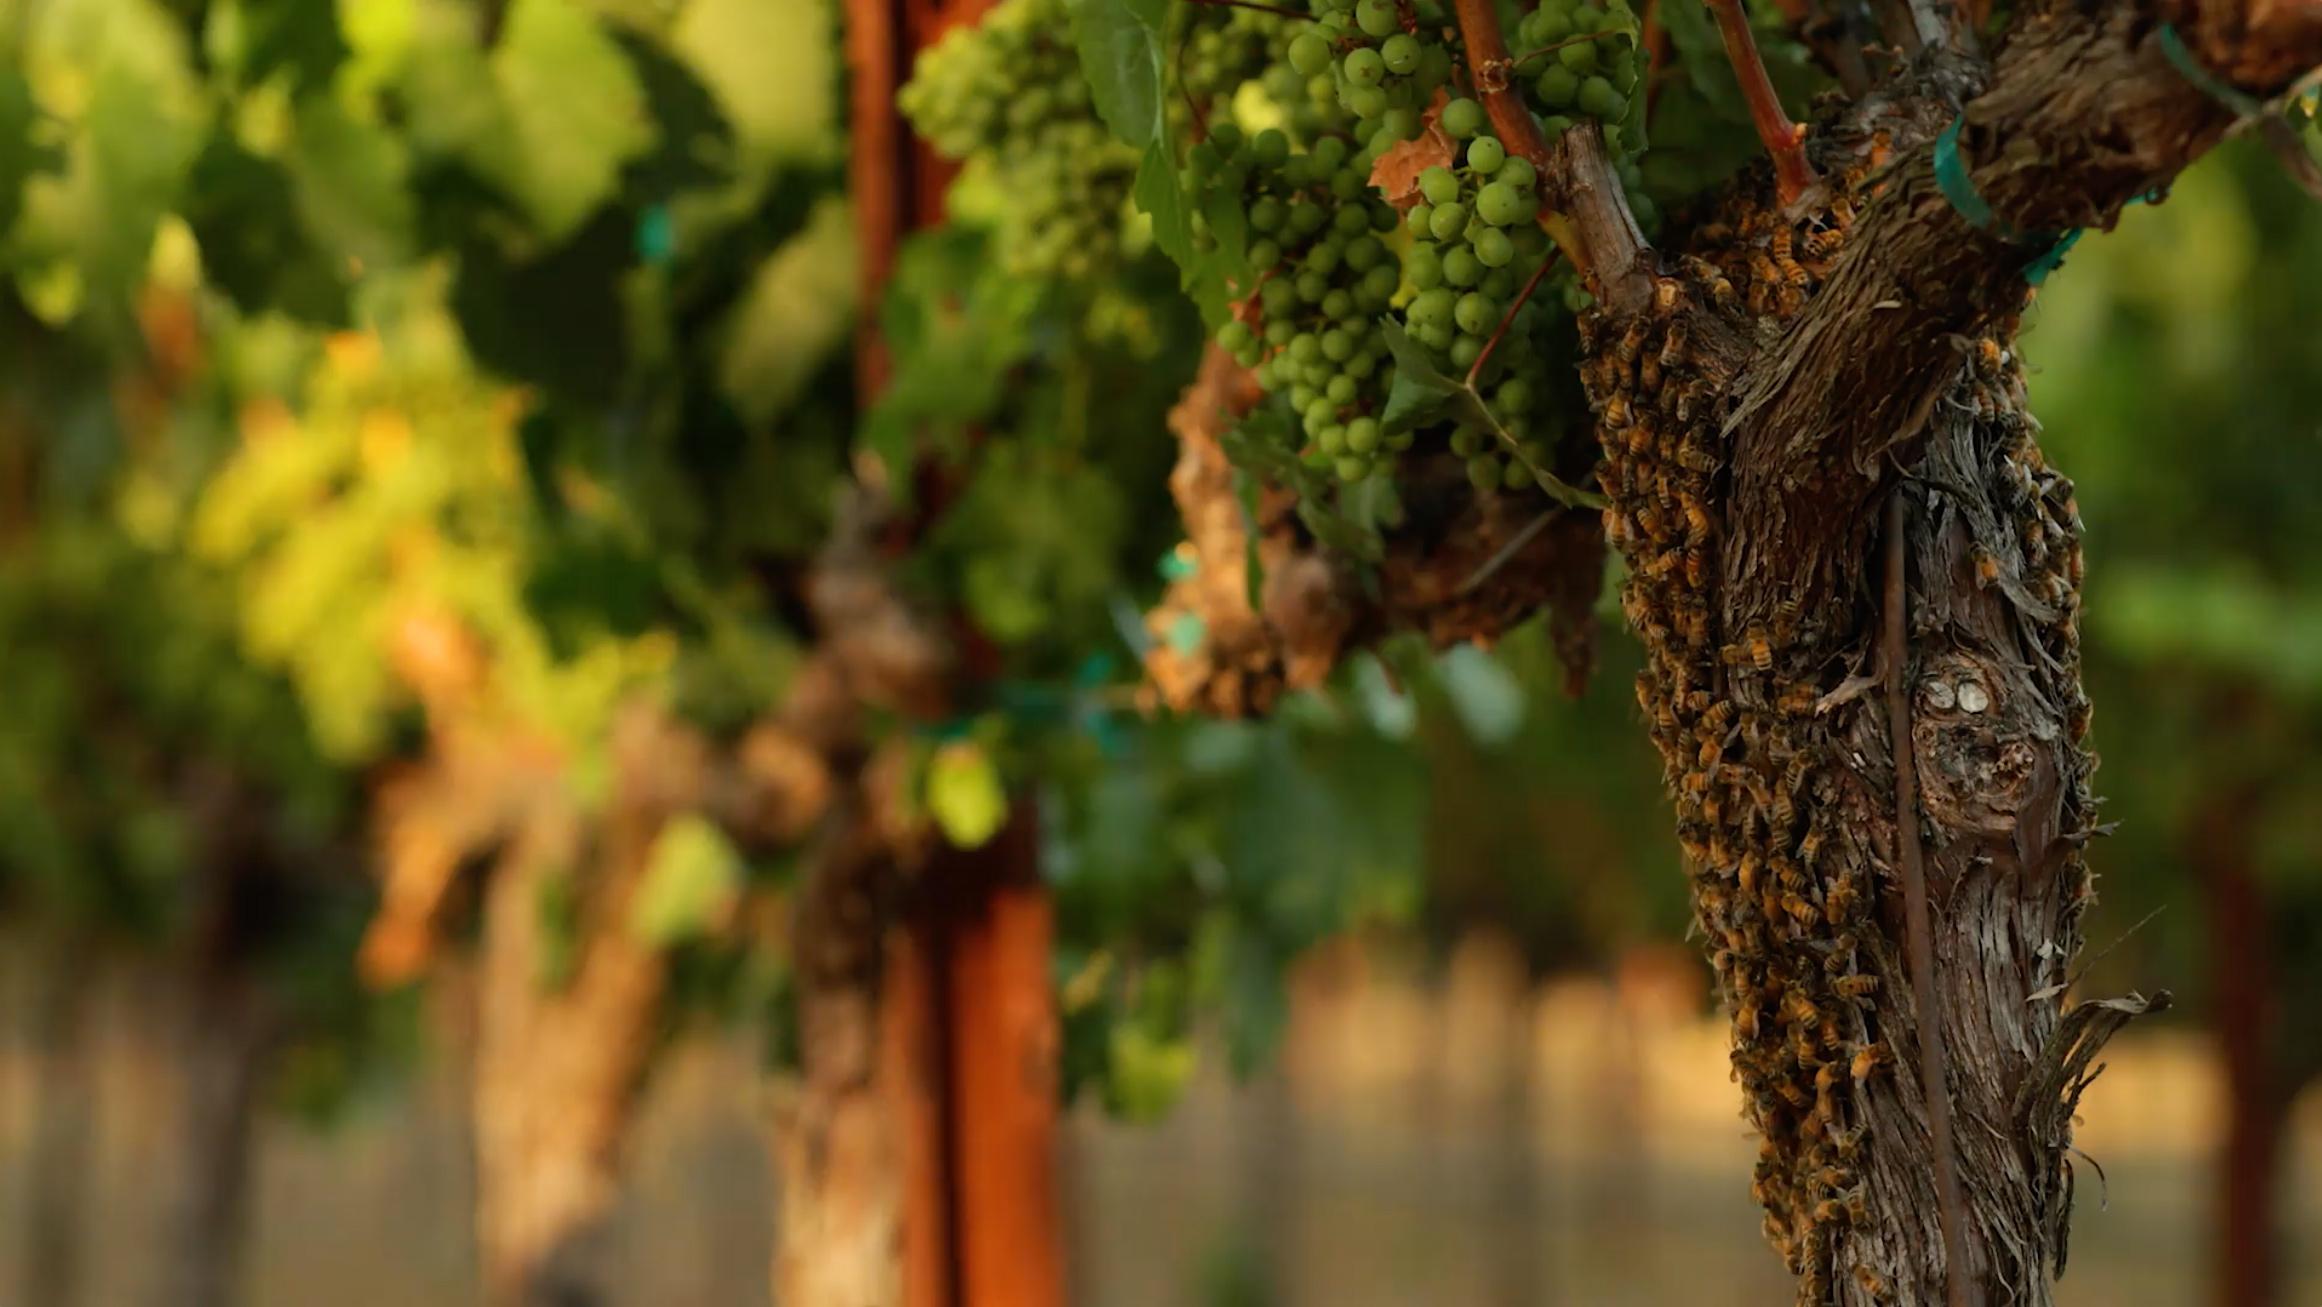 bees at Markham Vineyards